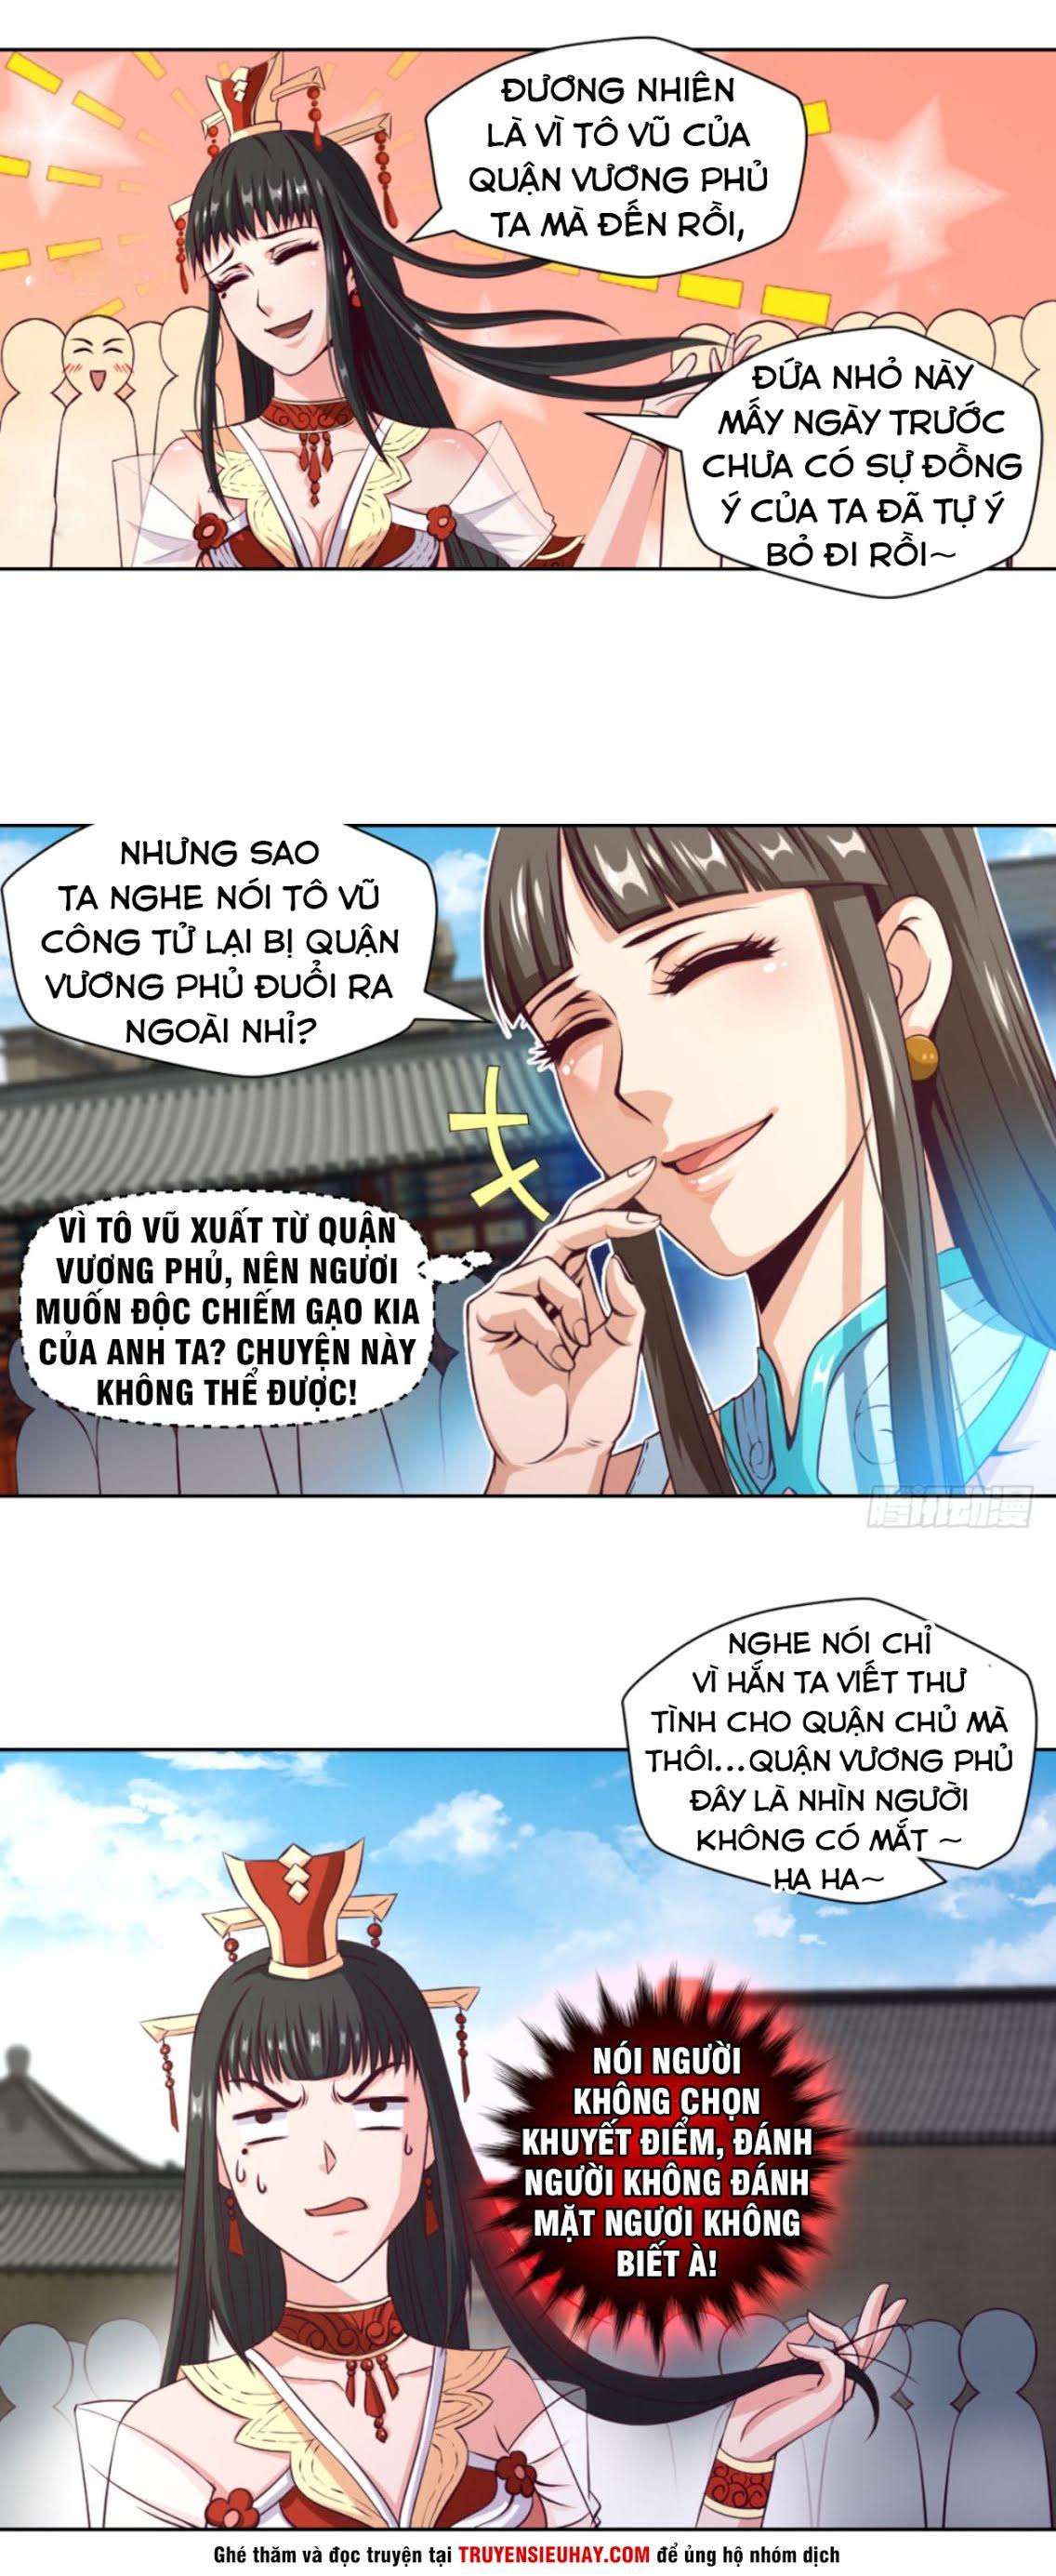 Chiếm Cái Đỉnh Núi Làm Đại Vương chapter 17 video - Upload bởi truyensieuhay.com